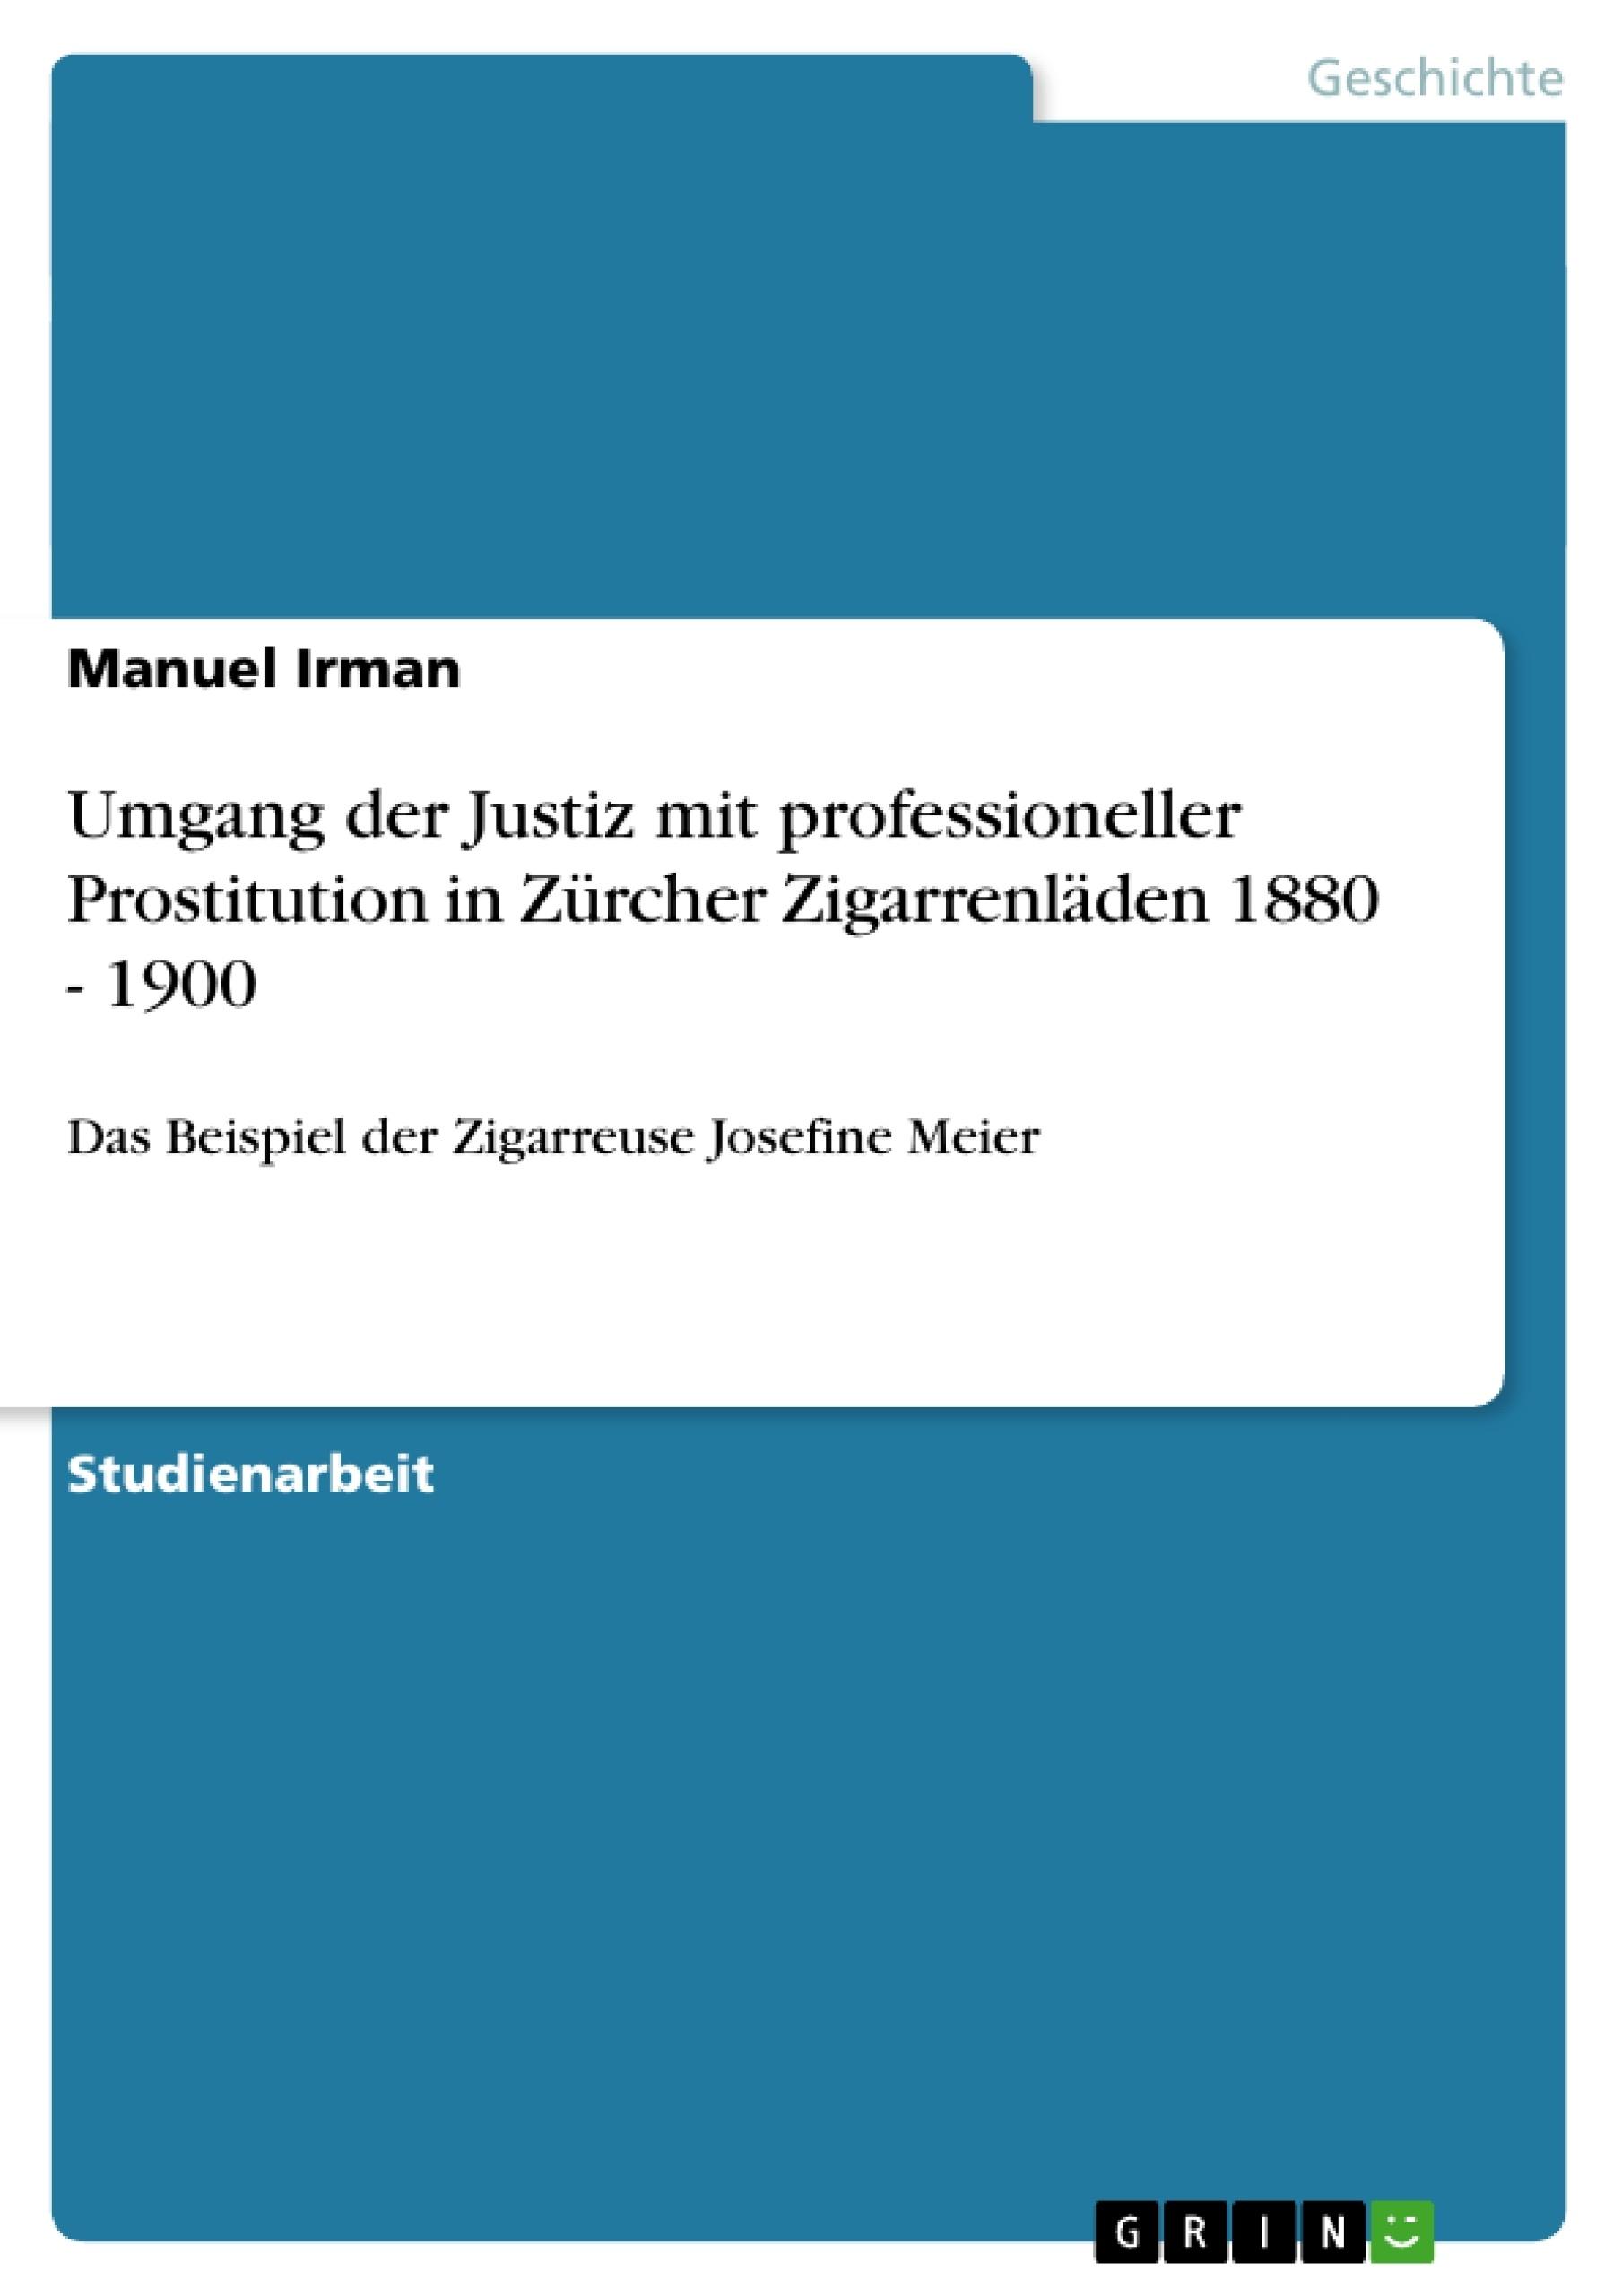 Titel: Umgang der Justiz mit professioneller Prostitution in Zürcher Zigarrenläden 1880 - 1900